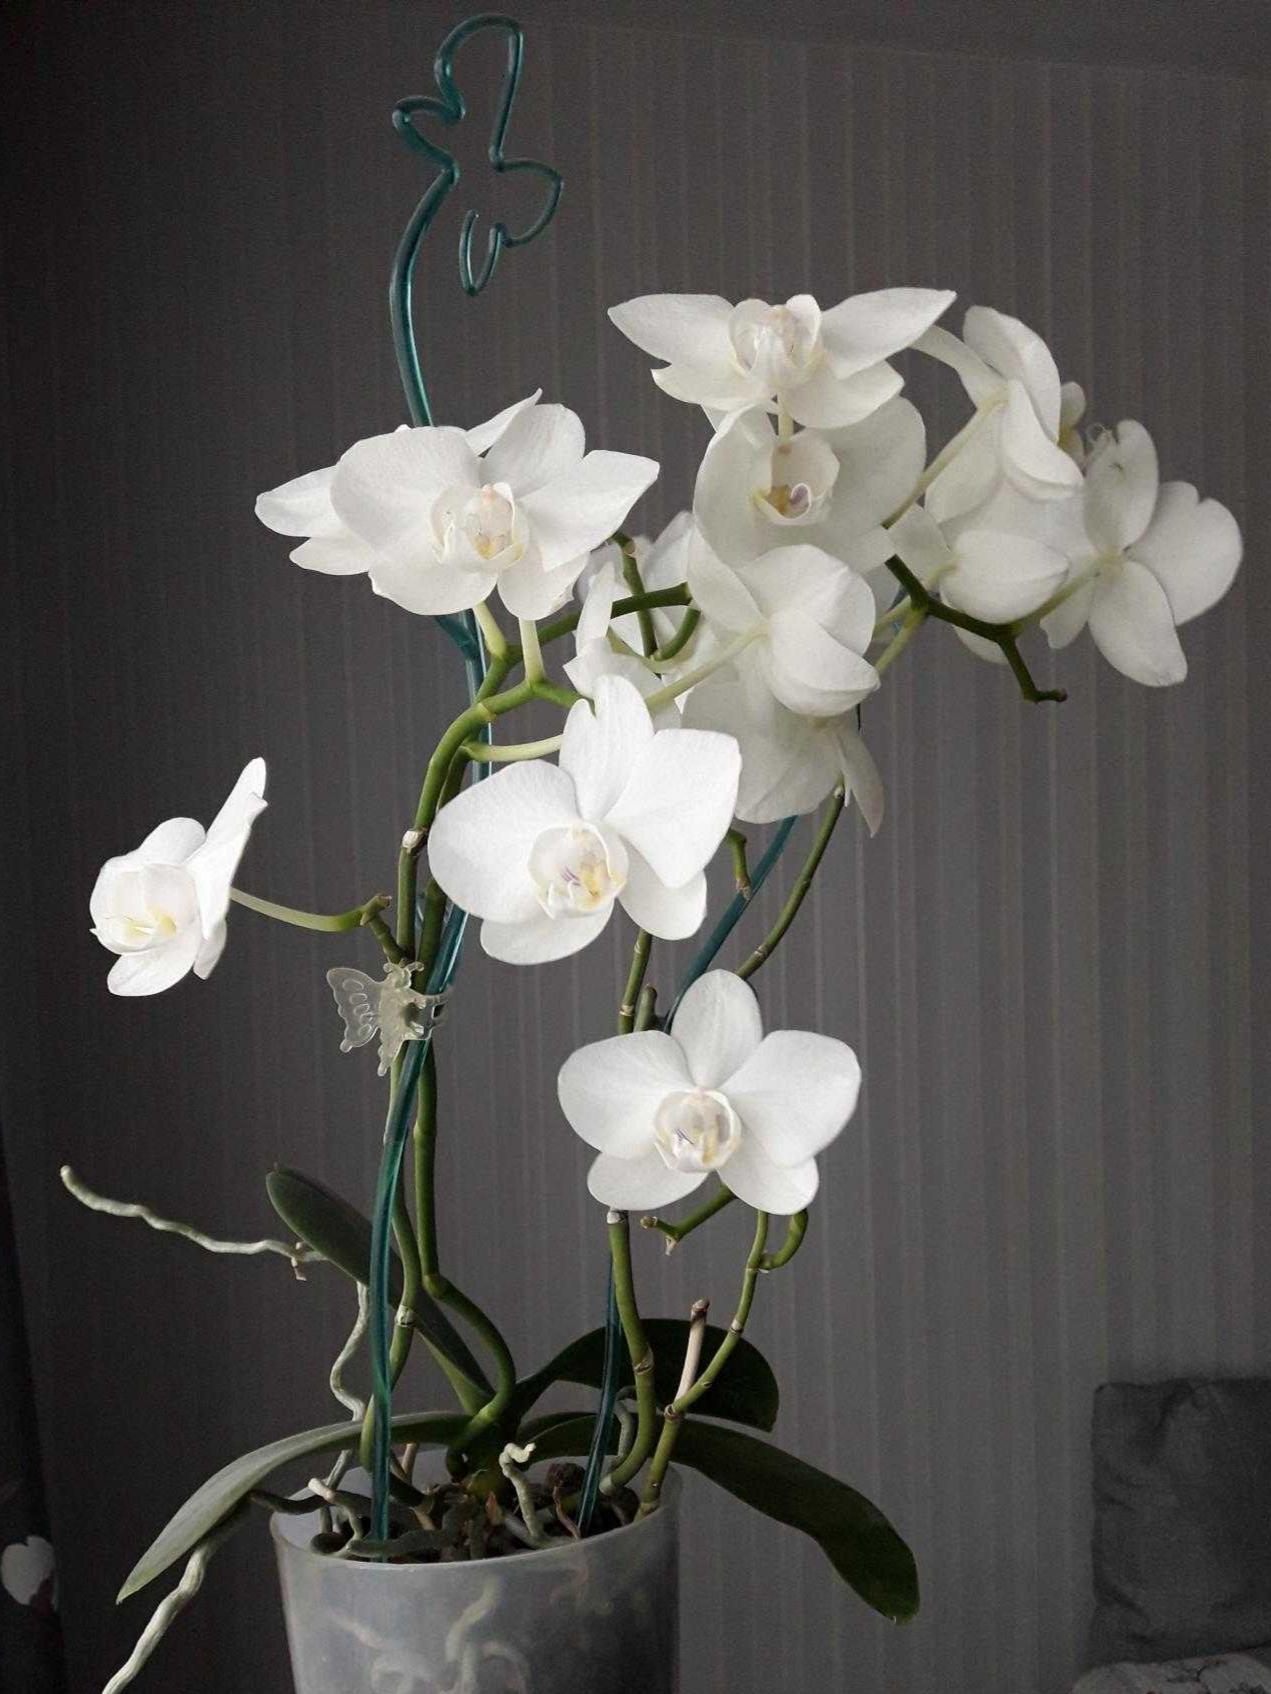 Моя орхидея. Блиц: белые цветы